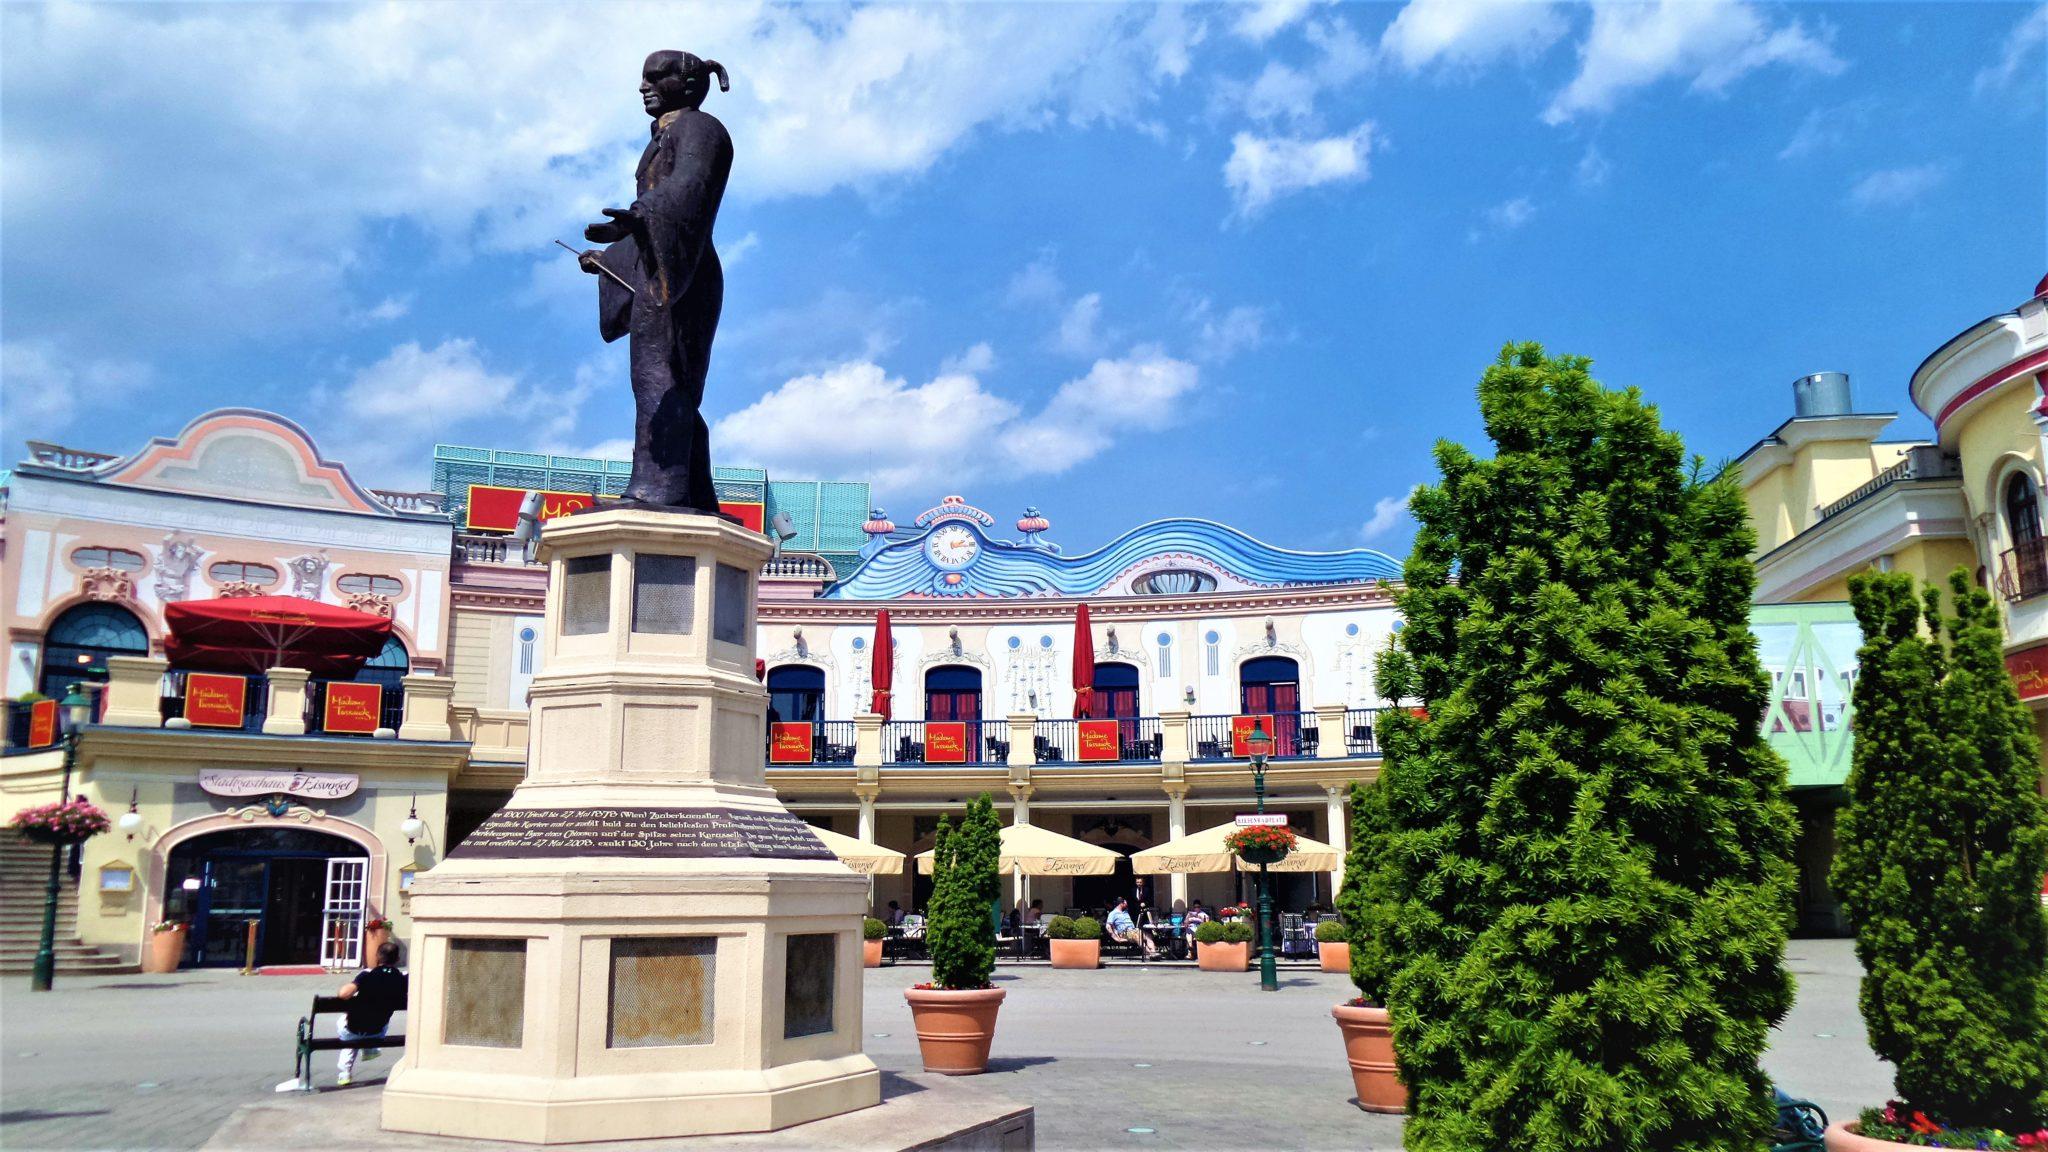 Prater statue, fiarground, Vienna, Austria